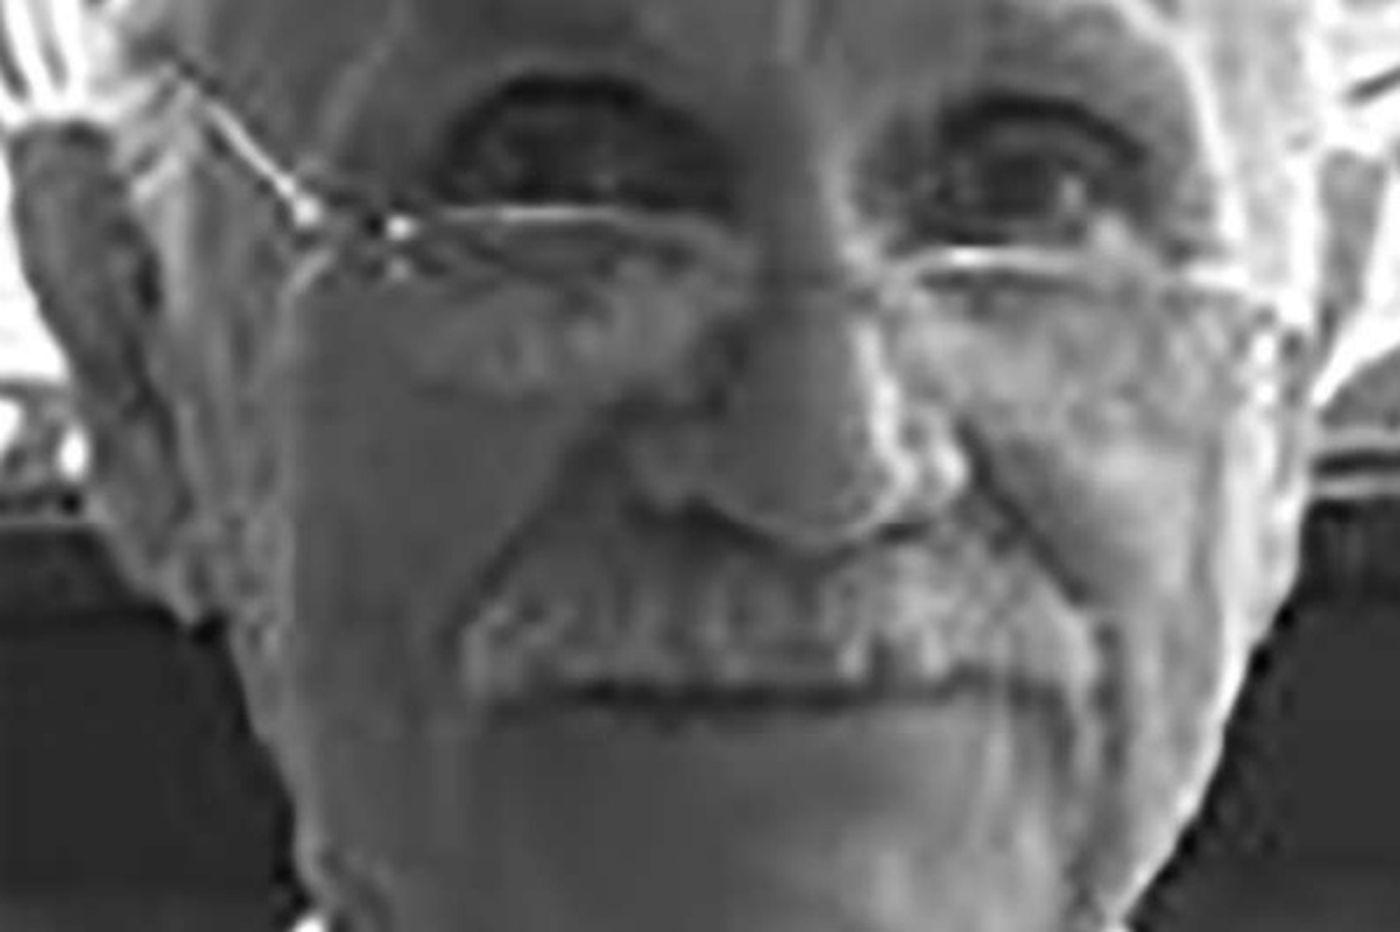 Robert Lerner, 83, led health groups